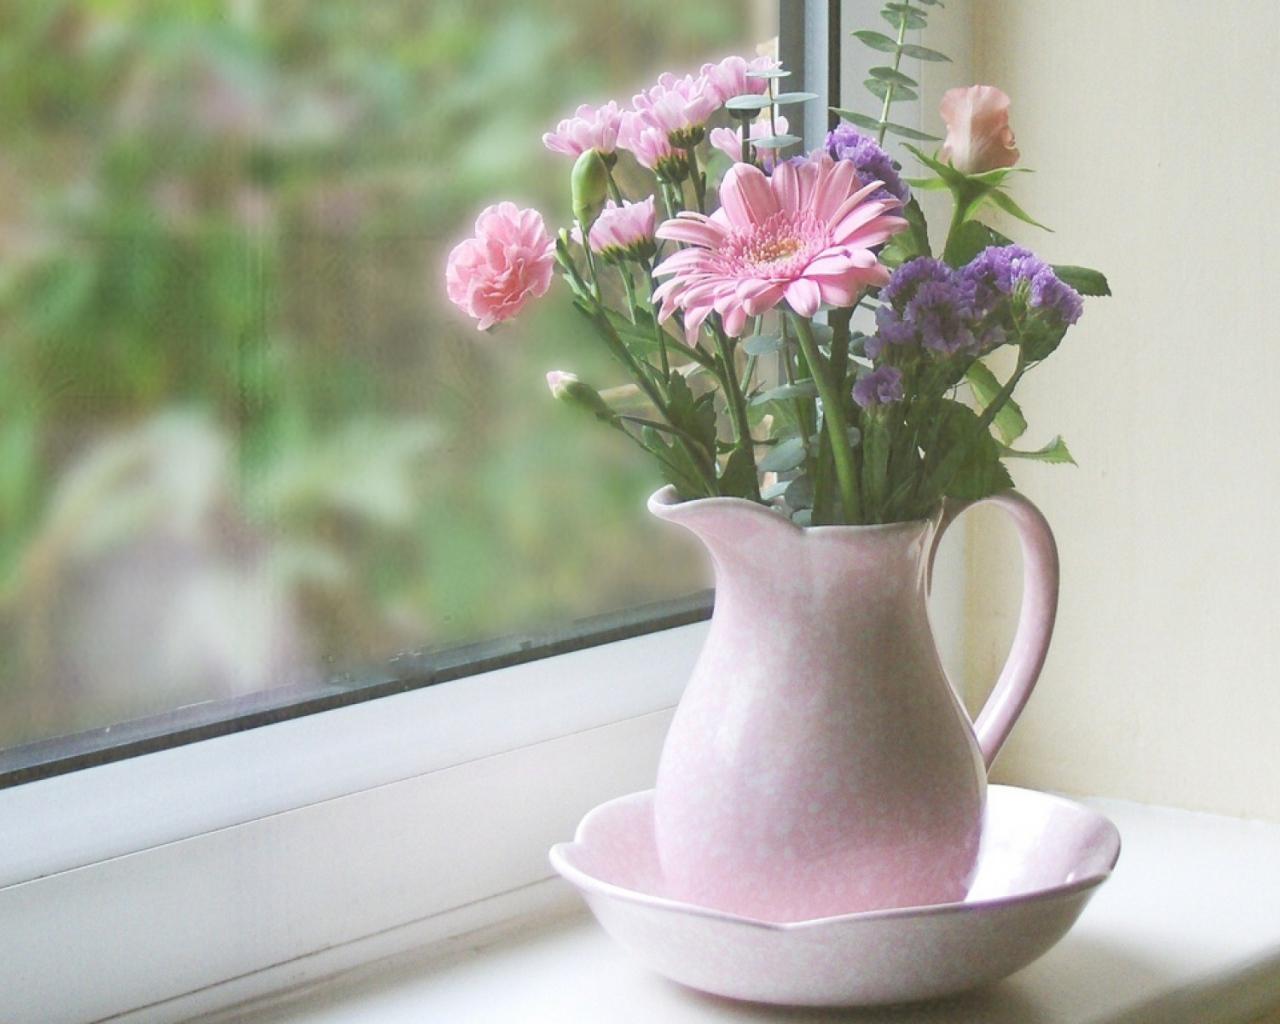 Открытки стол с вазой и цветами у окна, соболезнования поводу